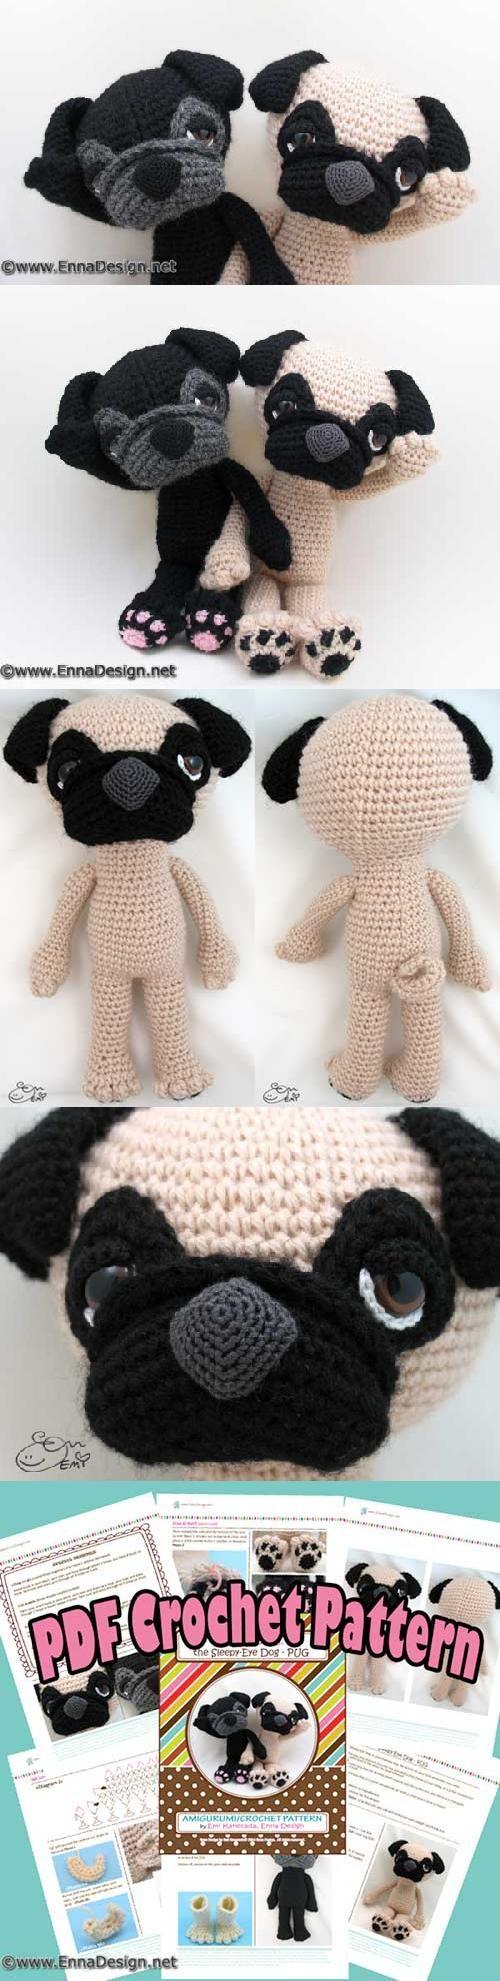 由Emi Kanesada(Enna Design)设计的困倦眼睛的哈巴狗amigurumi模式